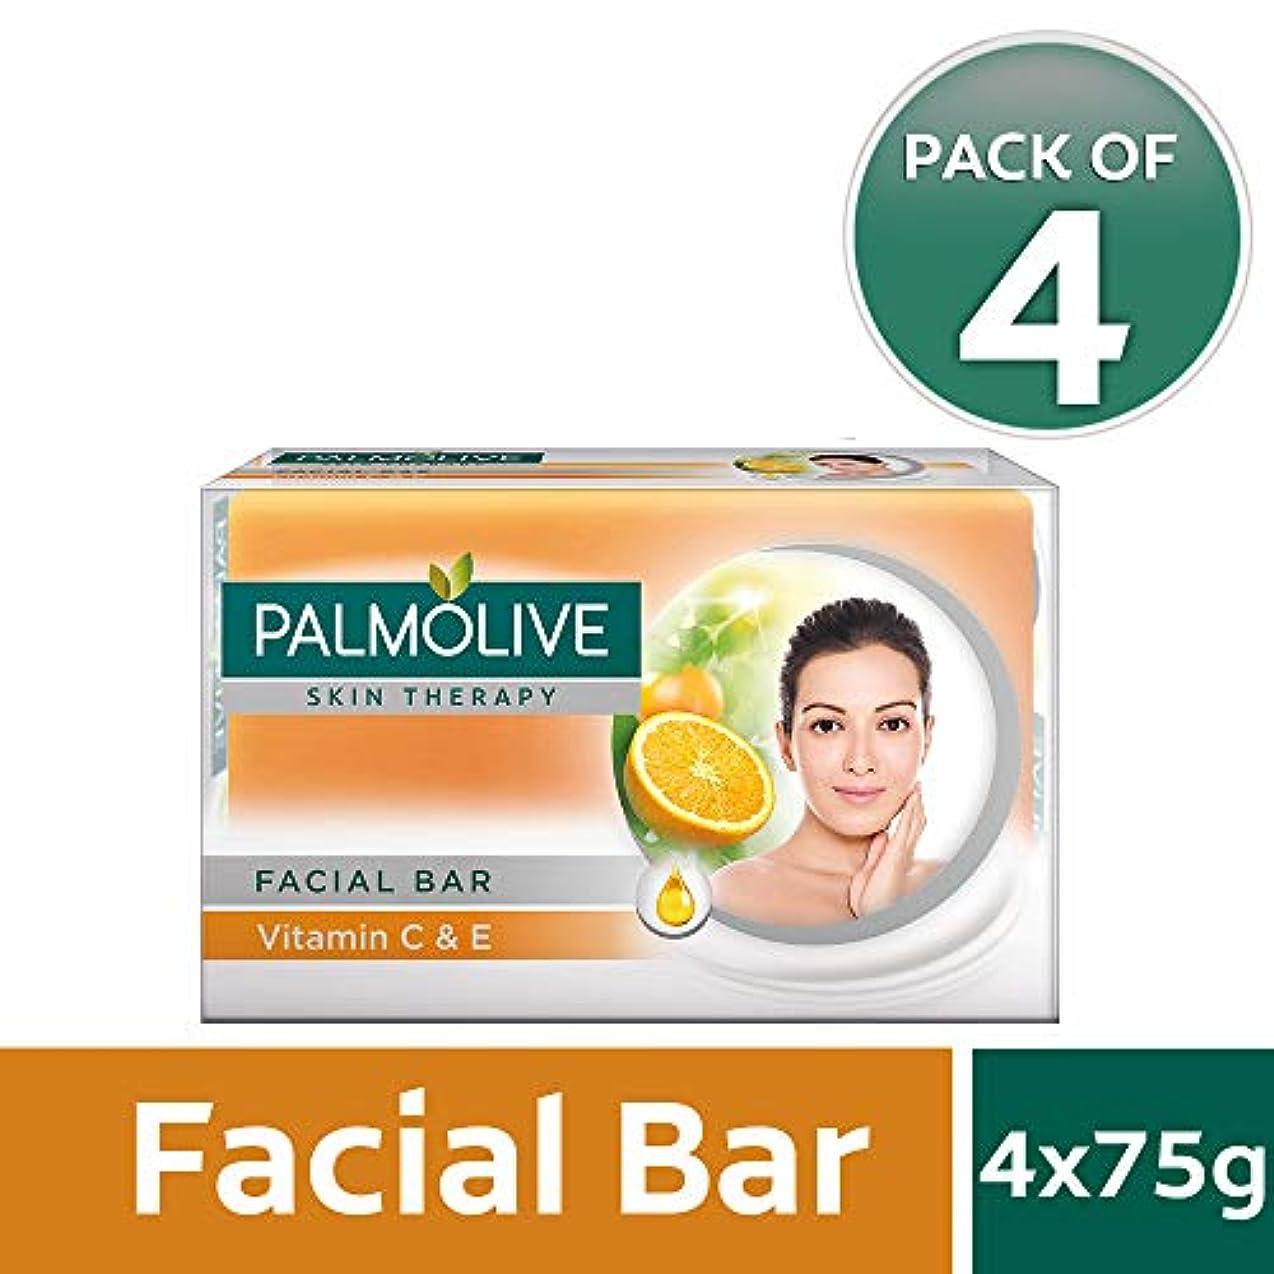 分数知らせる平均Palmolive Skin Therapy Facial Bar Soap with Vitamin C and E - 75g (Pack of 4)